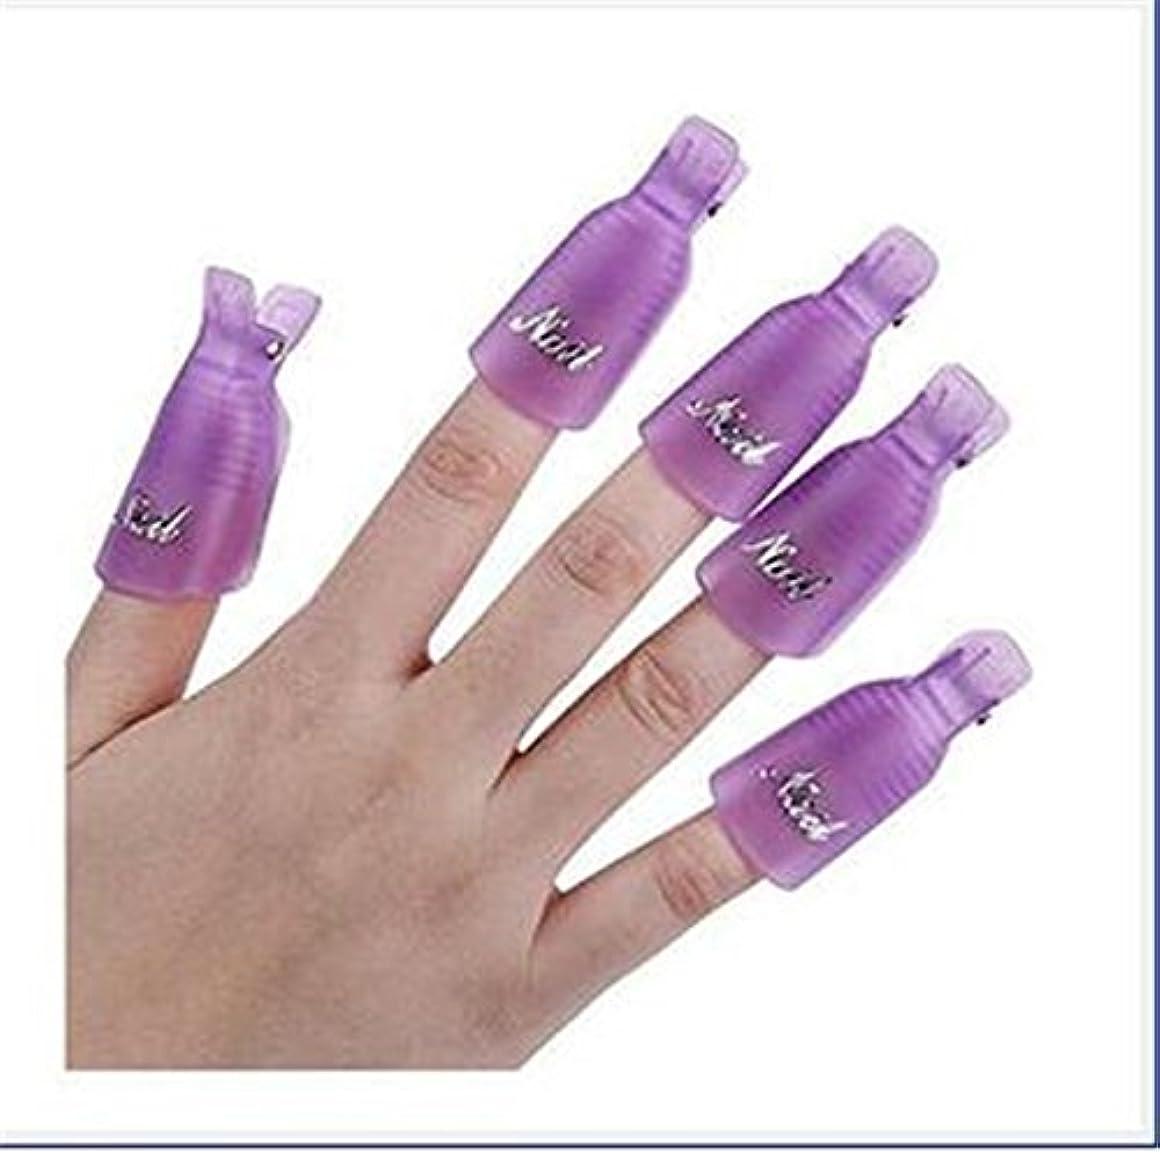 アシスト凍る最高アクリル樹脂爪10が冷却され、取り外し可能なクリップキャップUVポリッシュリムーバージェルは、紫色のパッケージを包ん